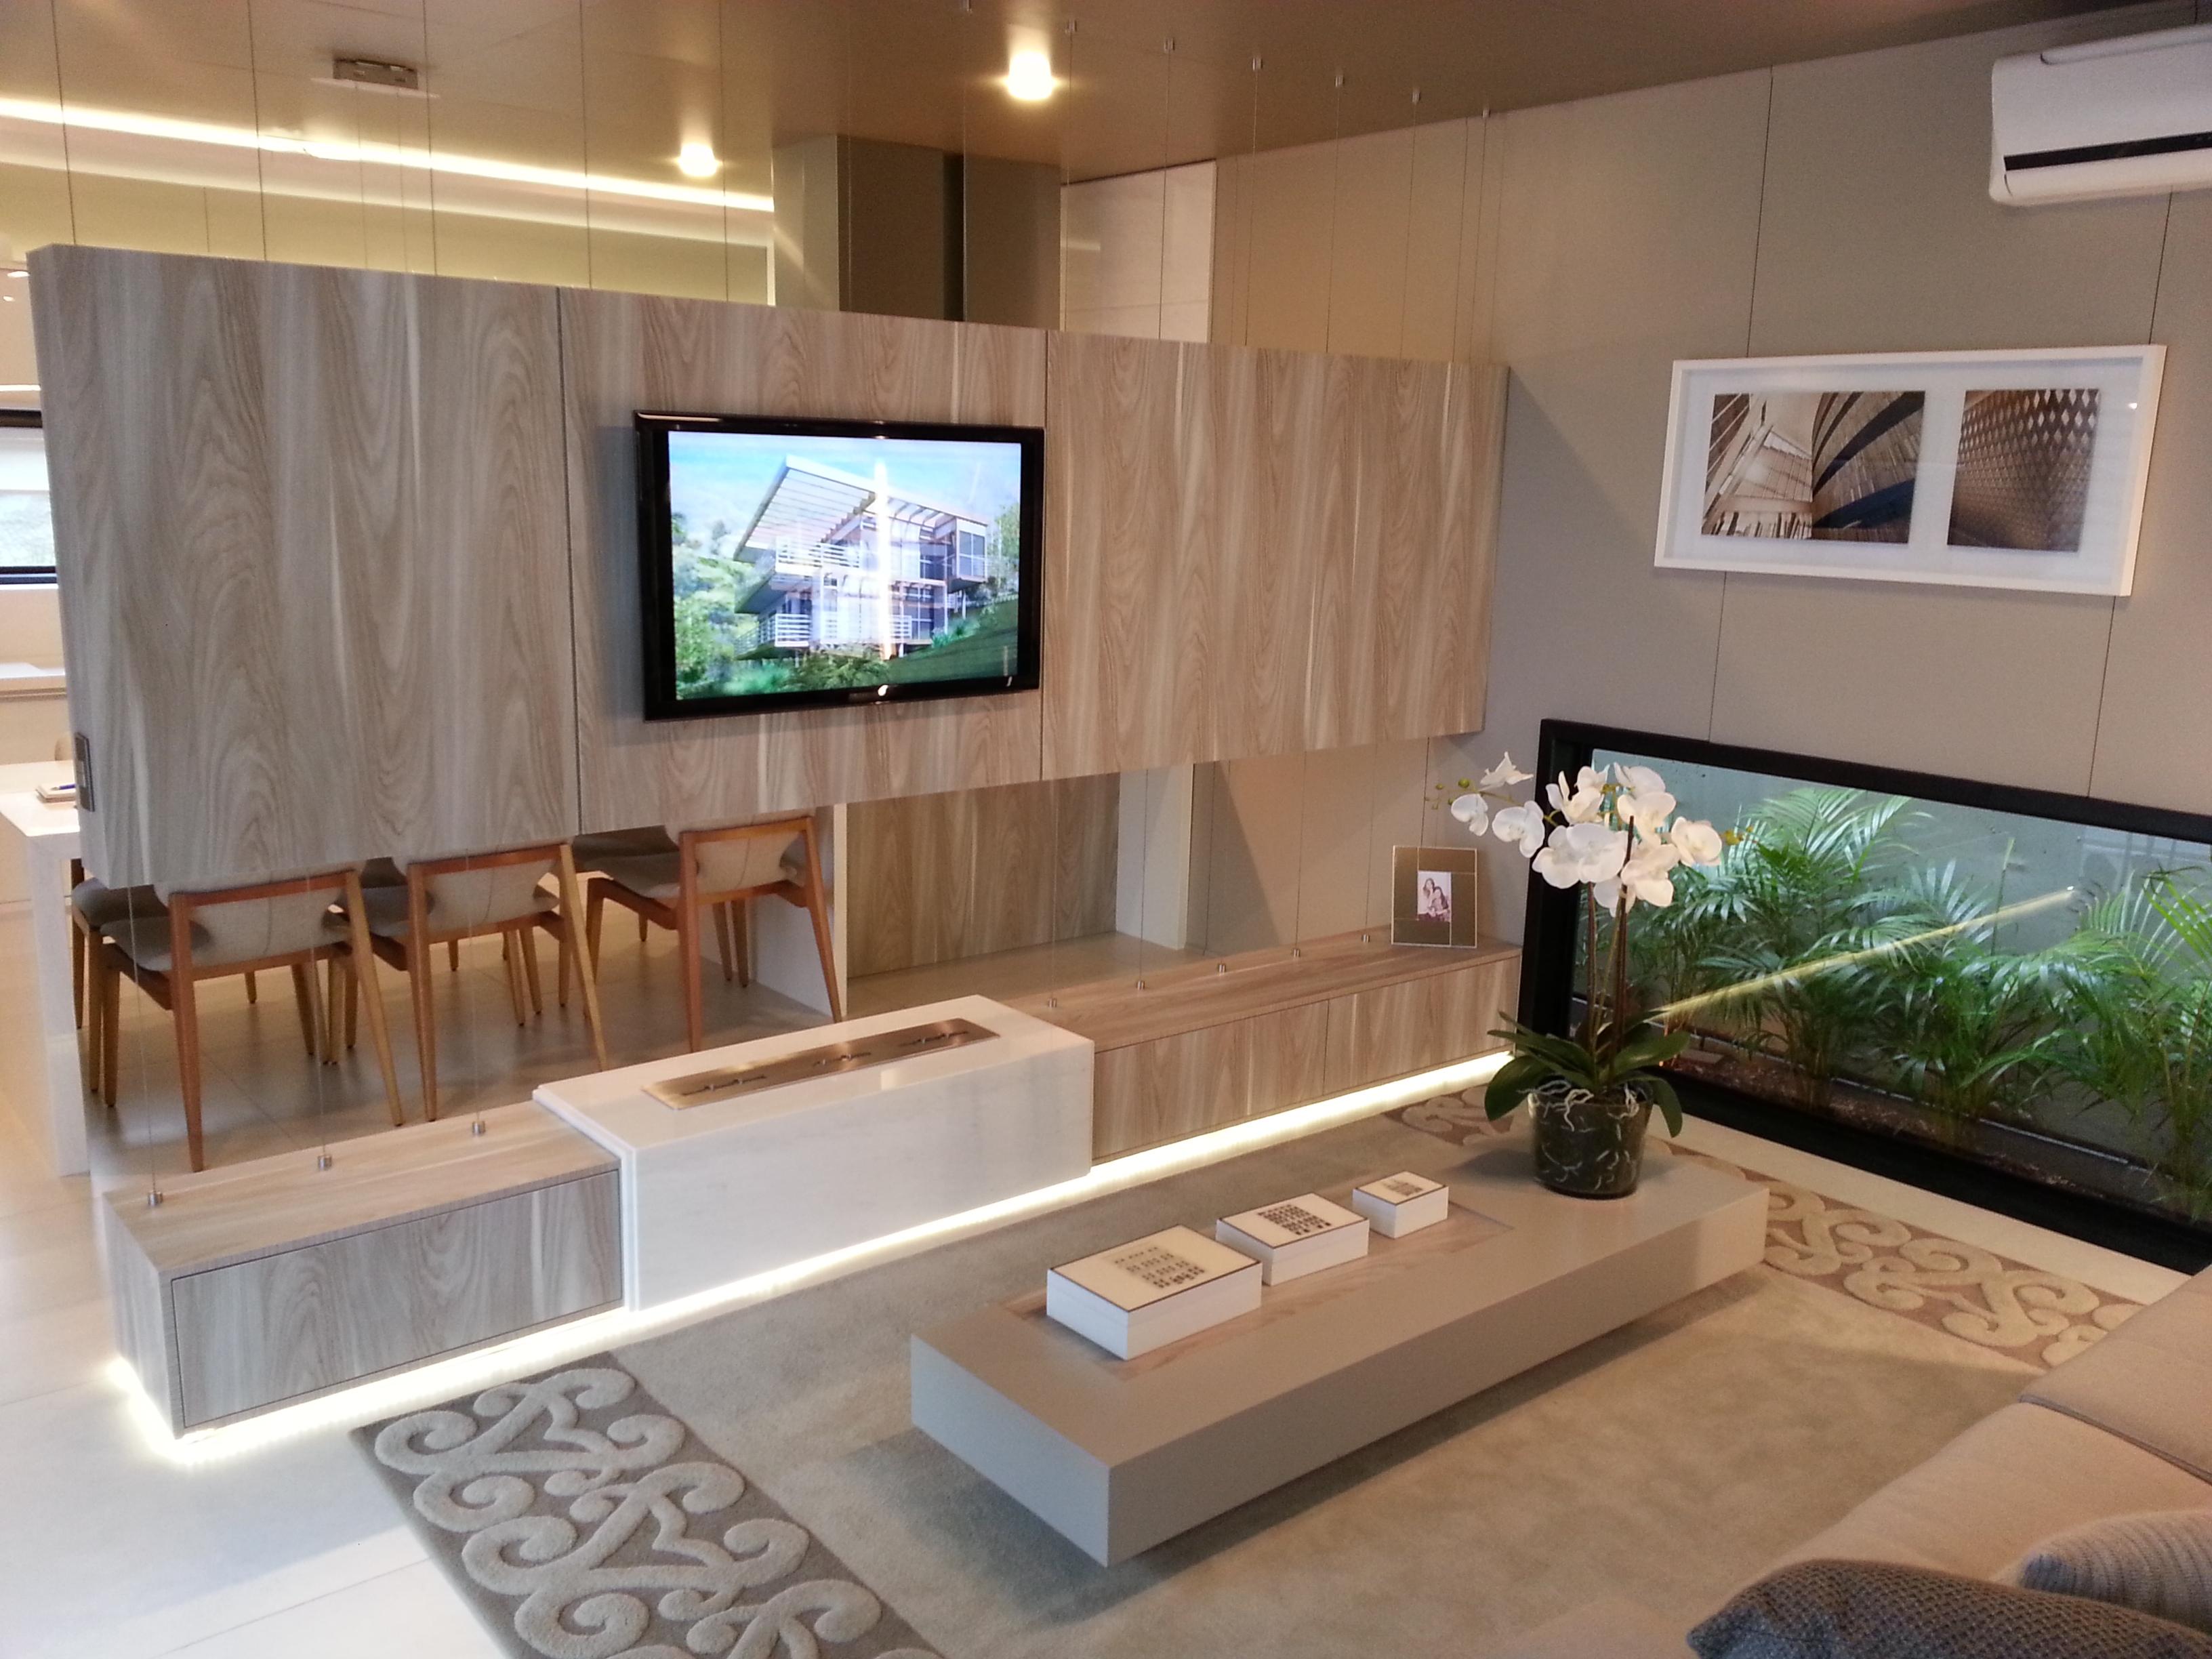 Grandes Ideias Para Pequenos Espa Os Rede Tv Mais -> Decoracao De Sala De Estar Pequena Com Tv